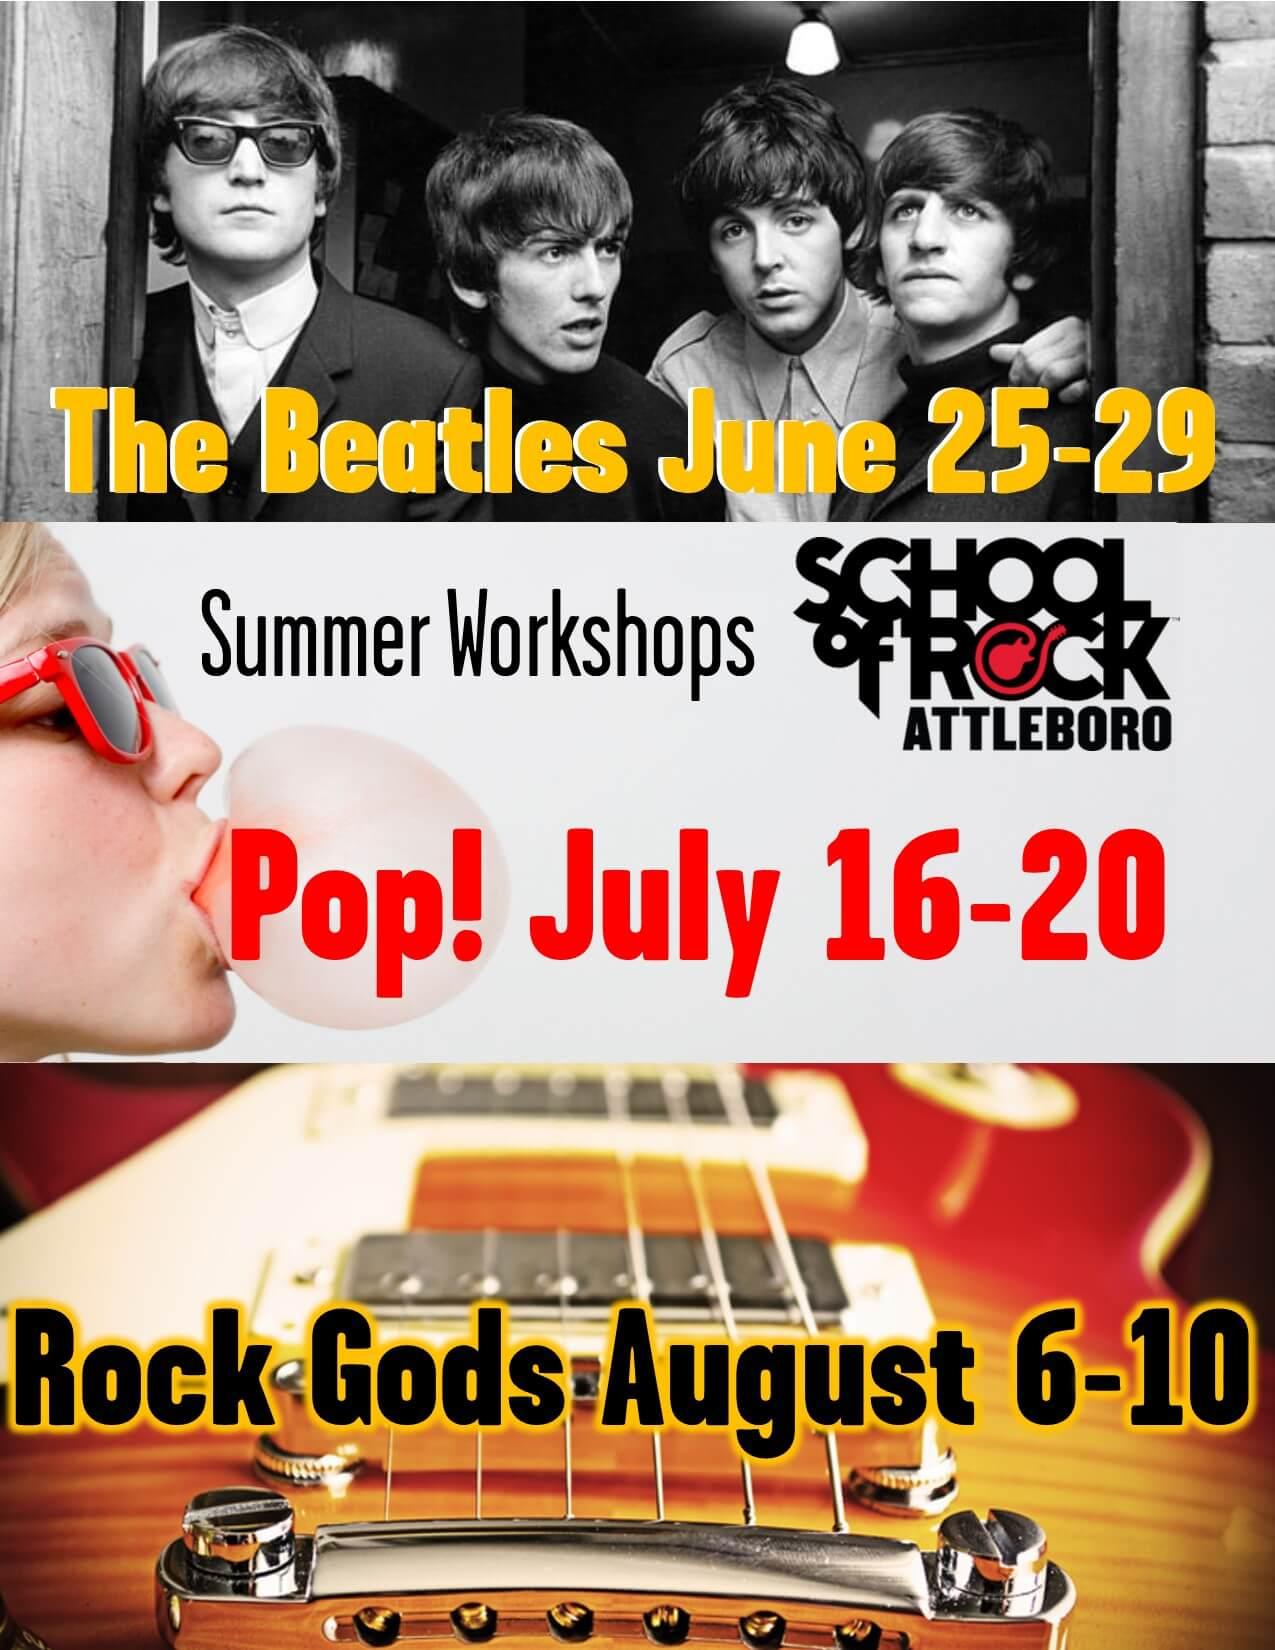 Summer Workshops, enrolling now!